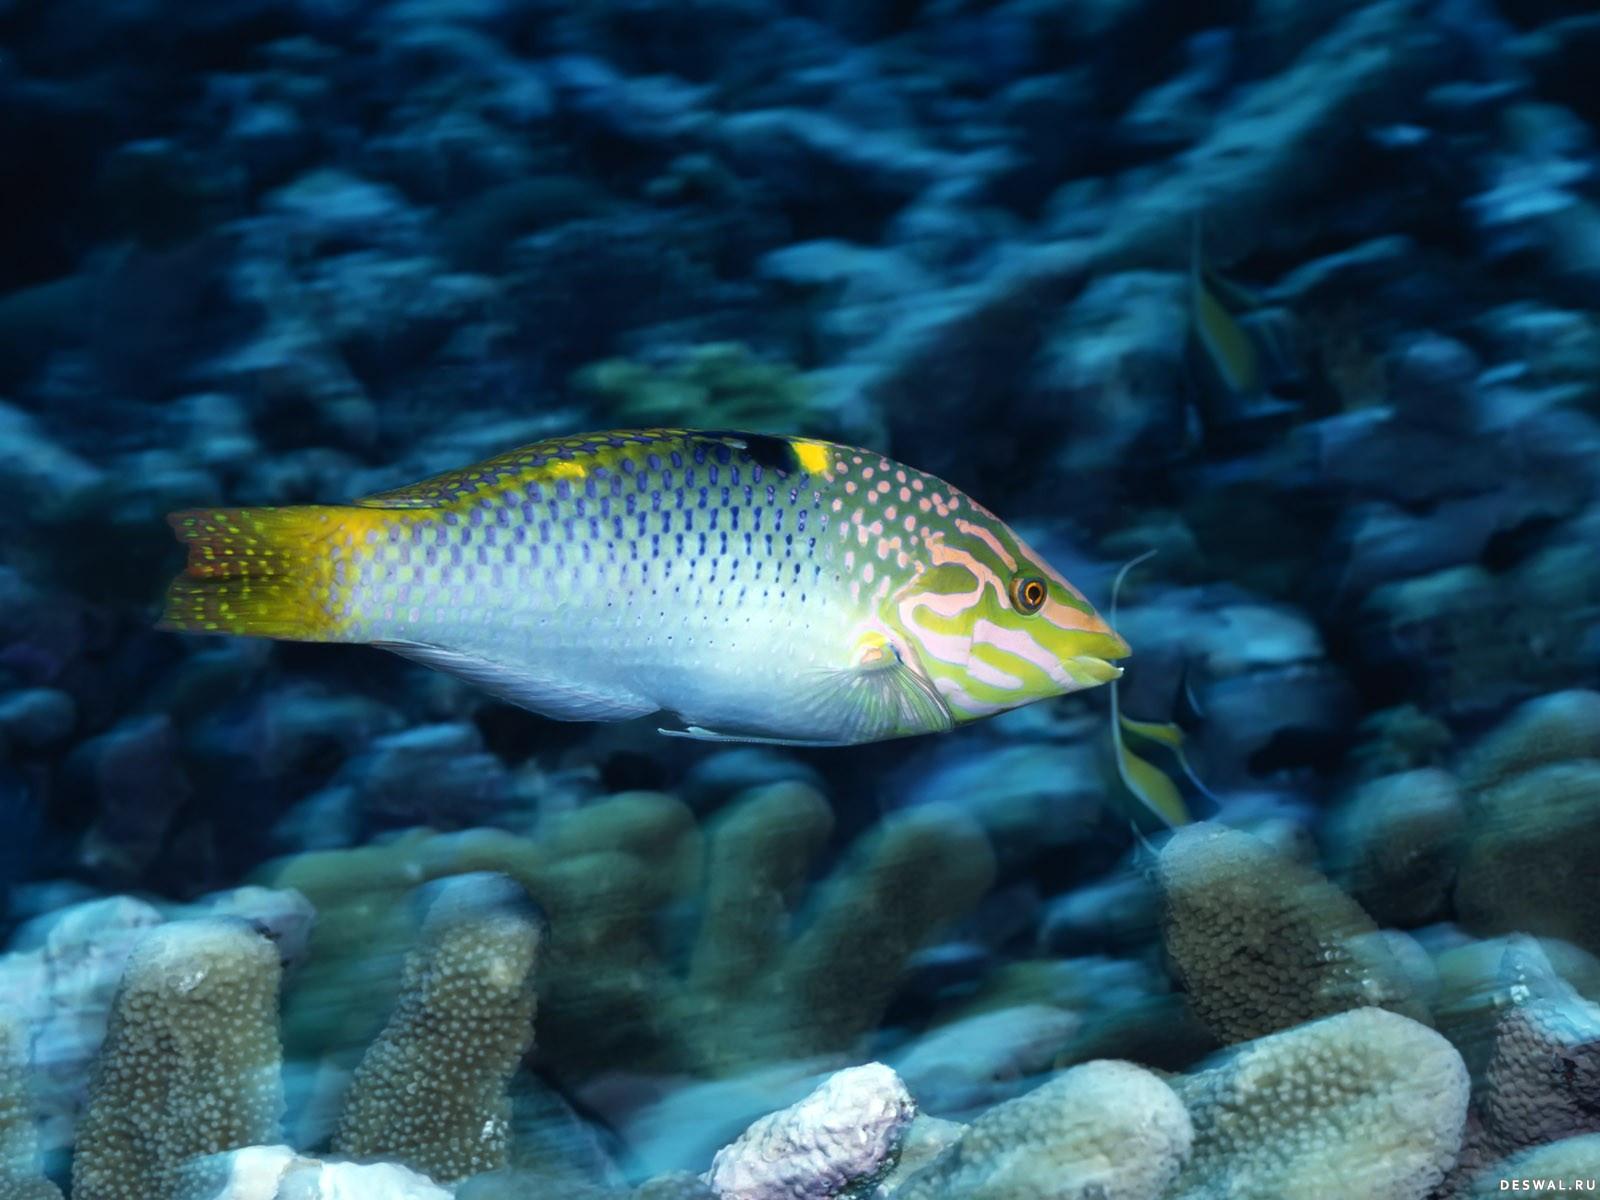 Фото 73. Нажмите на картинку с обоями подводного мира, чтобы просмотреть ее в реальном размере